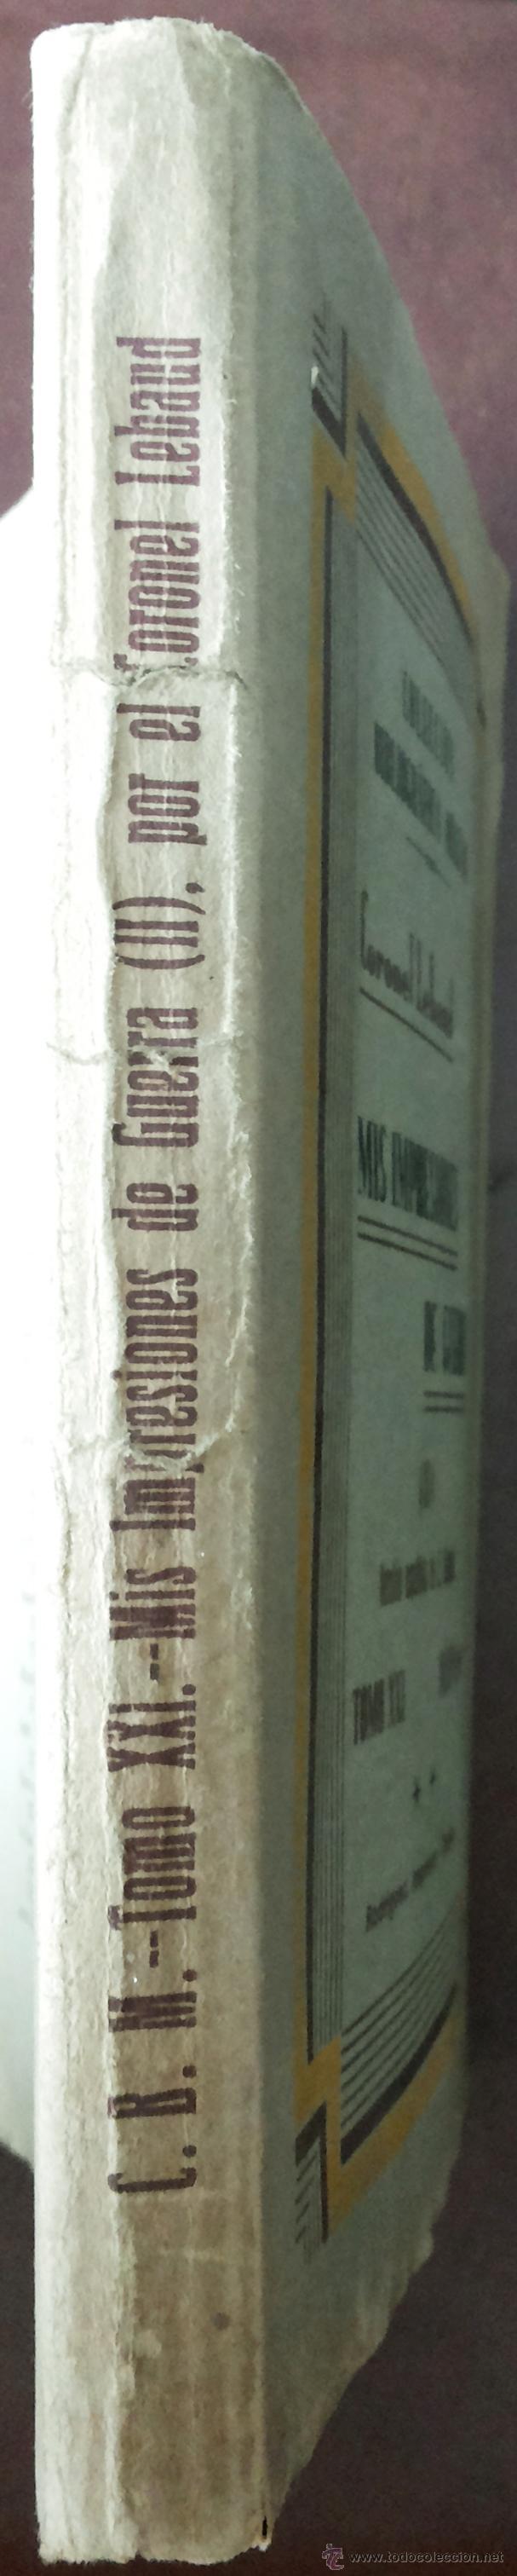 Libros antiguos: MIS PRIMERAS IMPRESIONES DE GUERRA (II), MAYO 1930. PRIMERA GUERRA MUNDIAL. VERS. ESPAÑOLA E. ALAMÁN - Foto 3 - 50684268